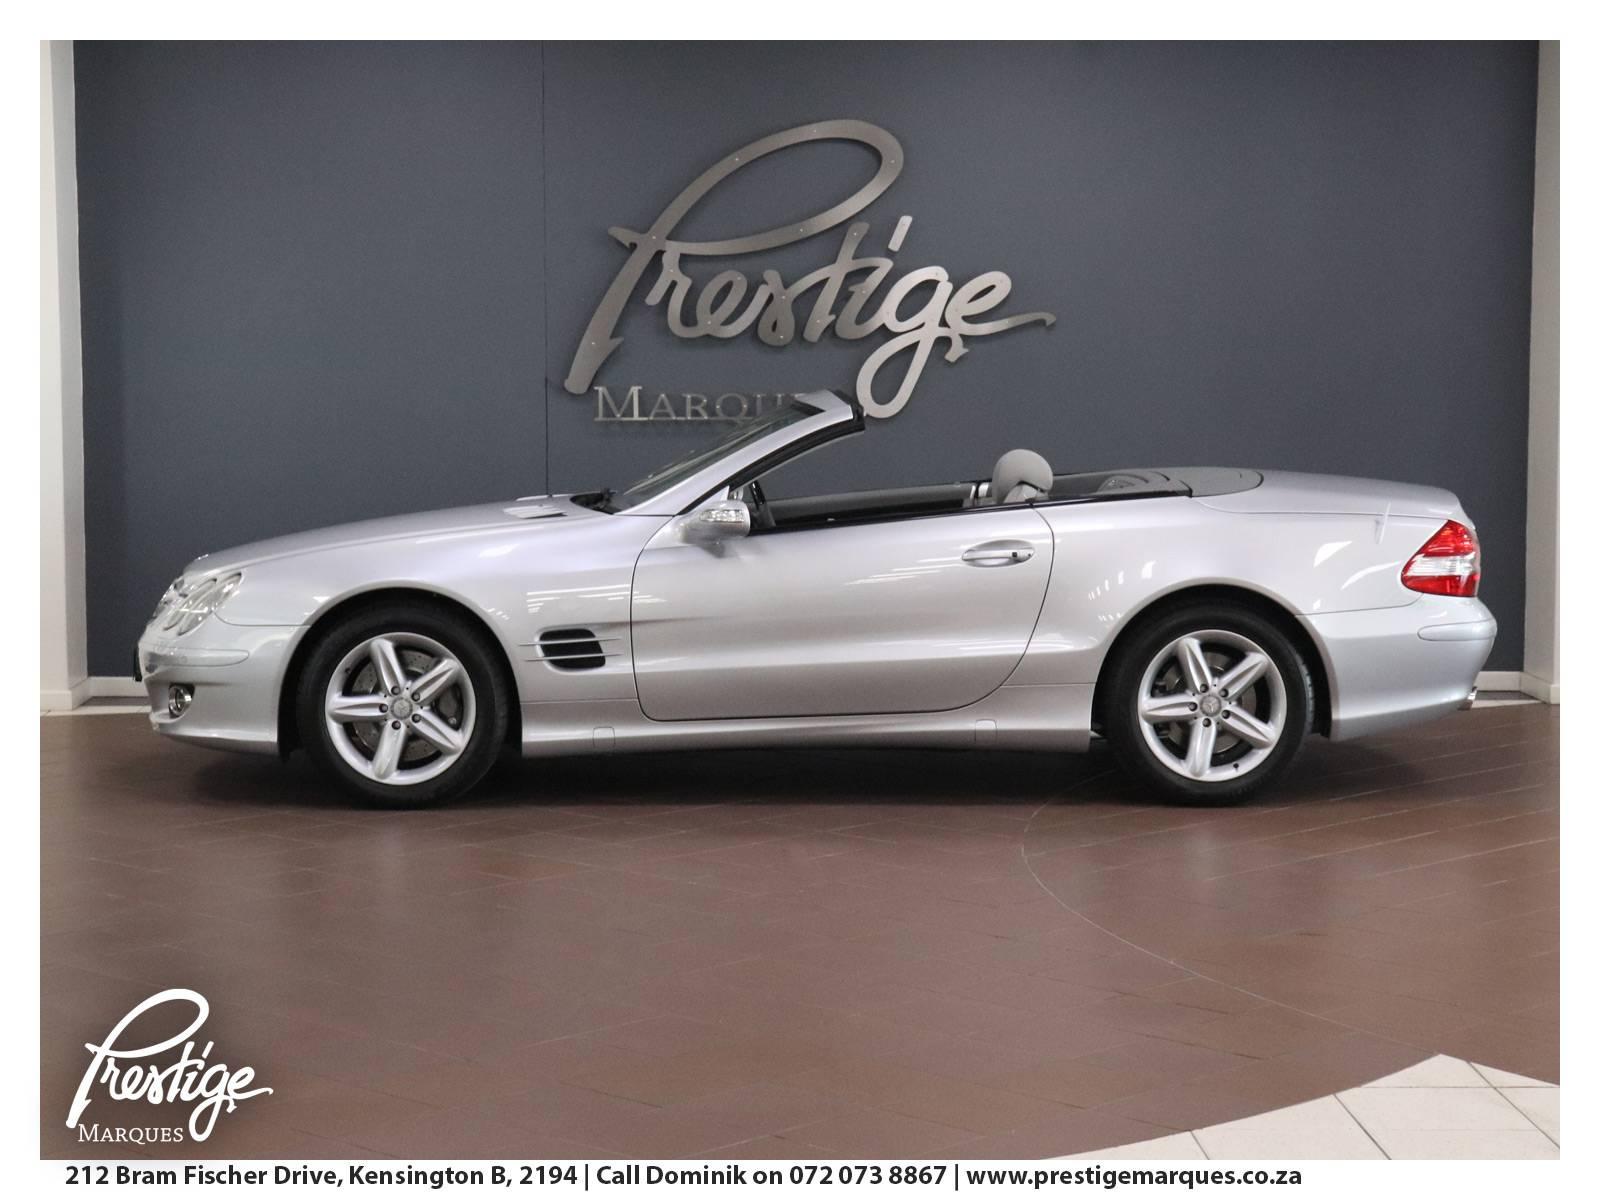 2007-Mercedes-benz-sl500-203-facelift-Prestige-Marques-Randburg-Sandton-10